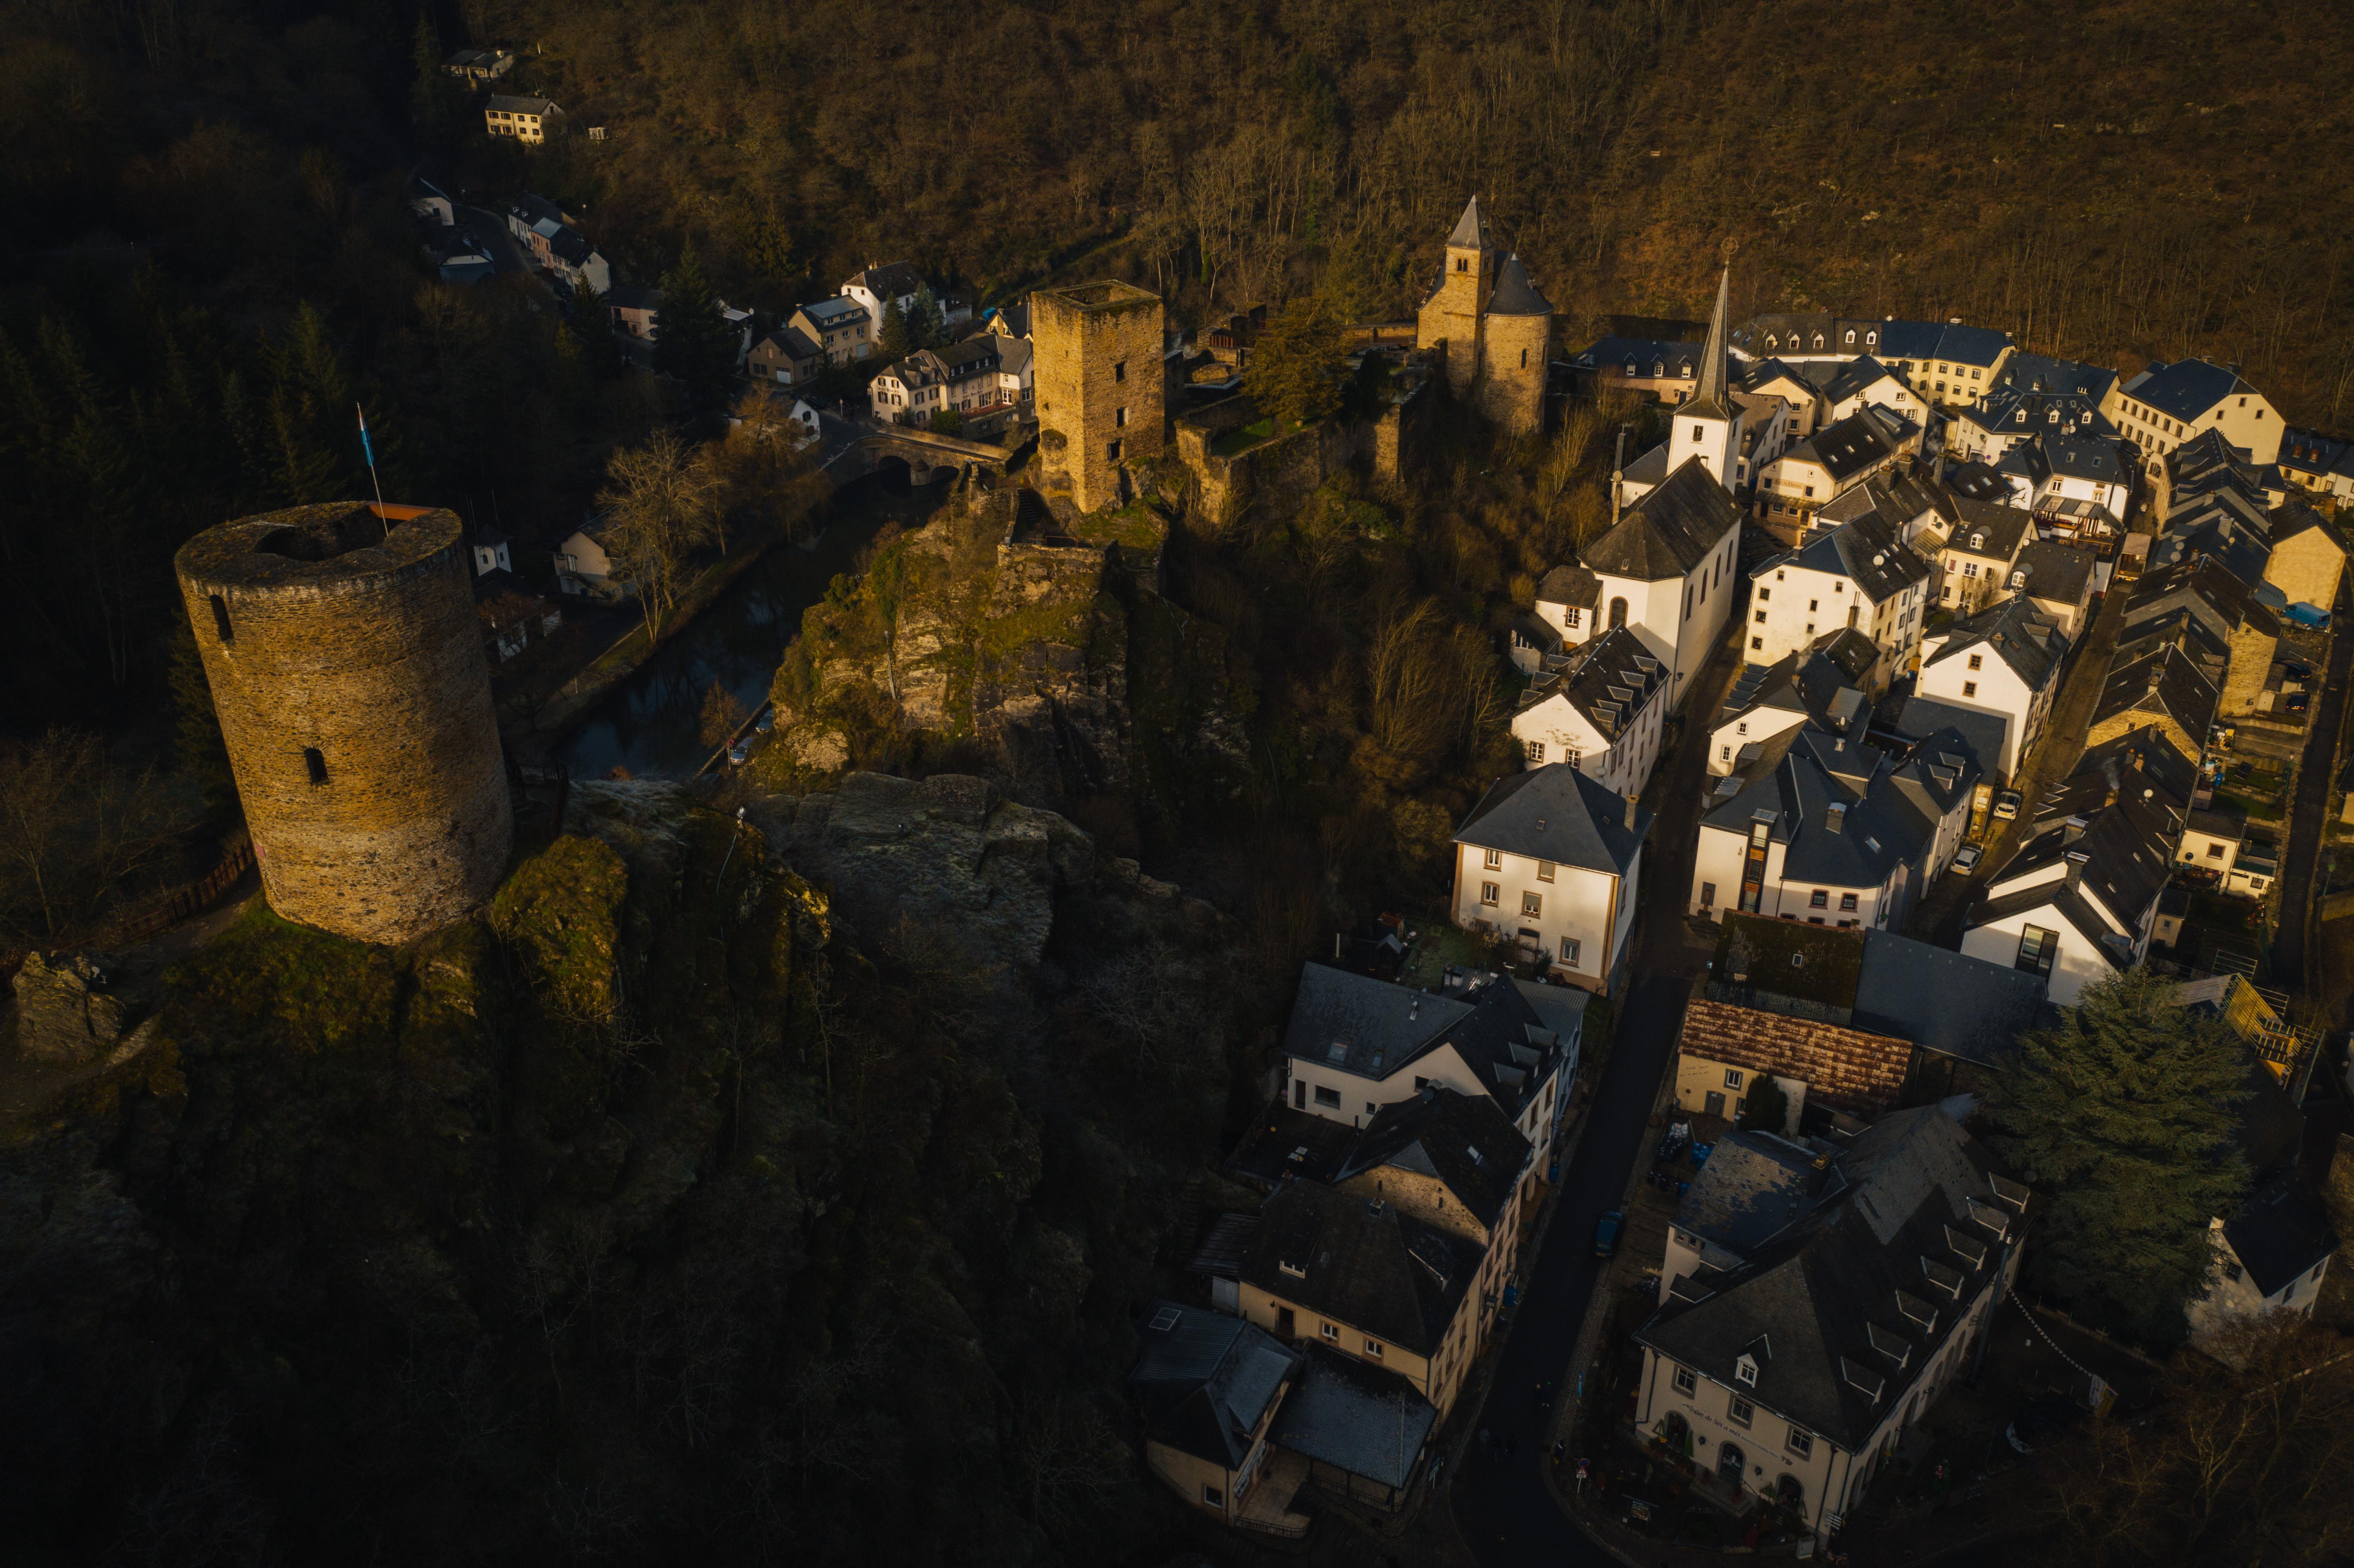 Luxembourg/Esch Sur Sure